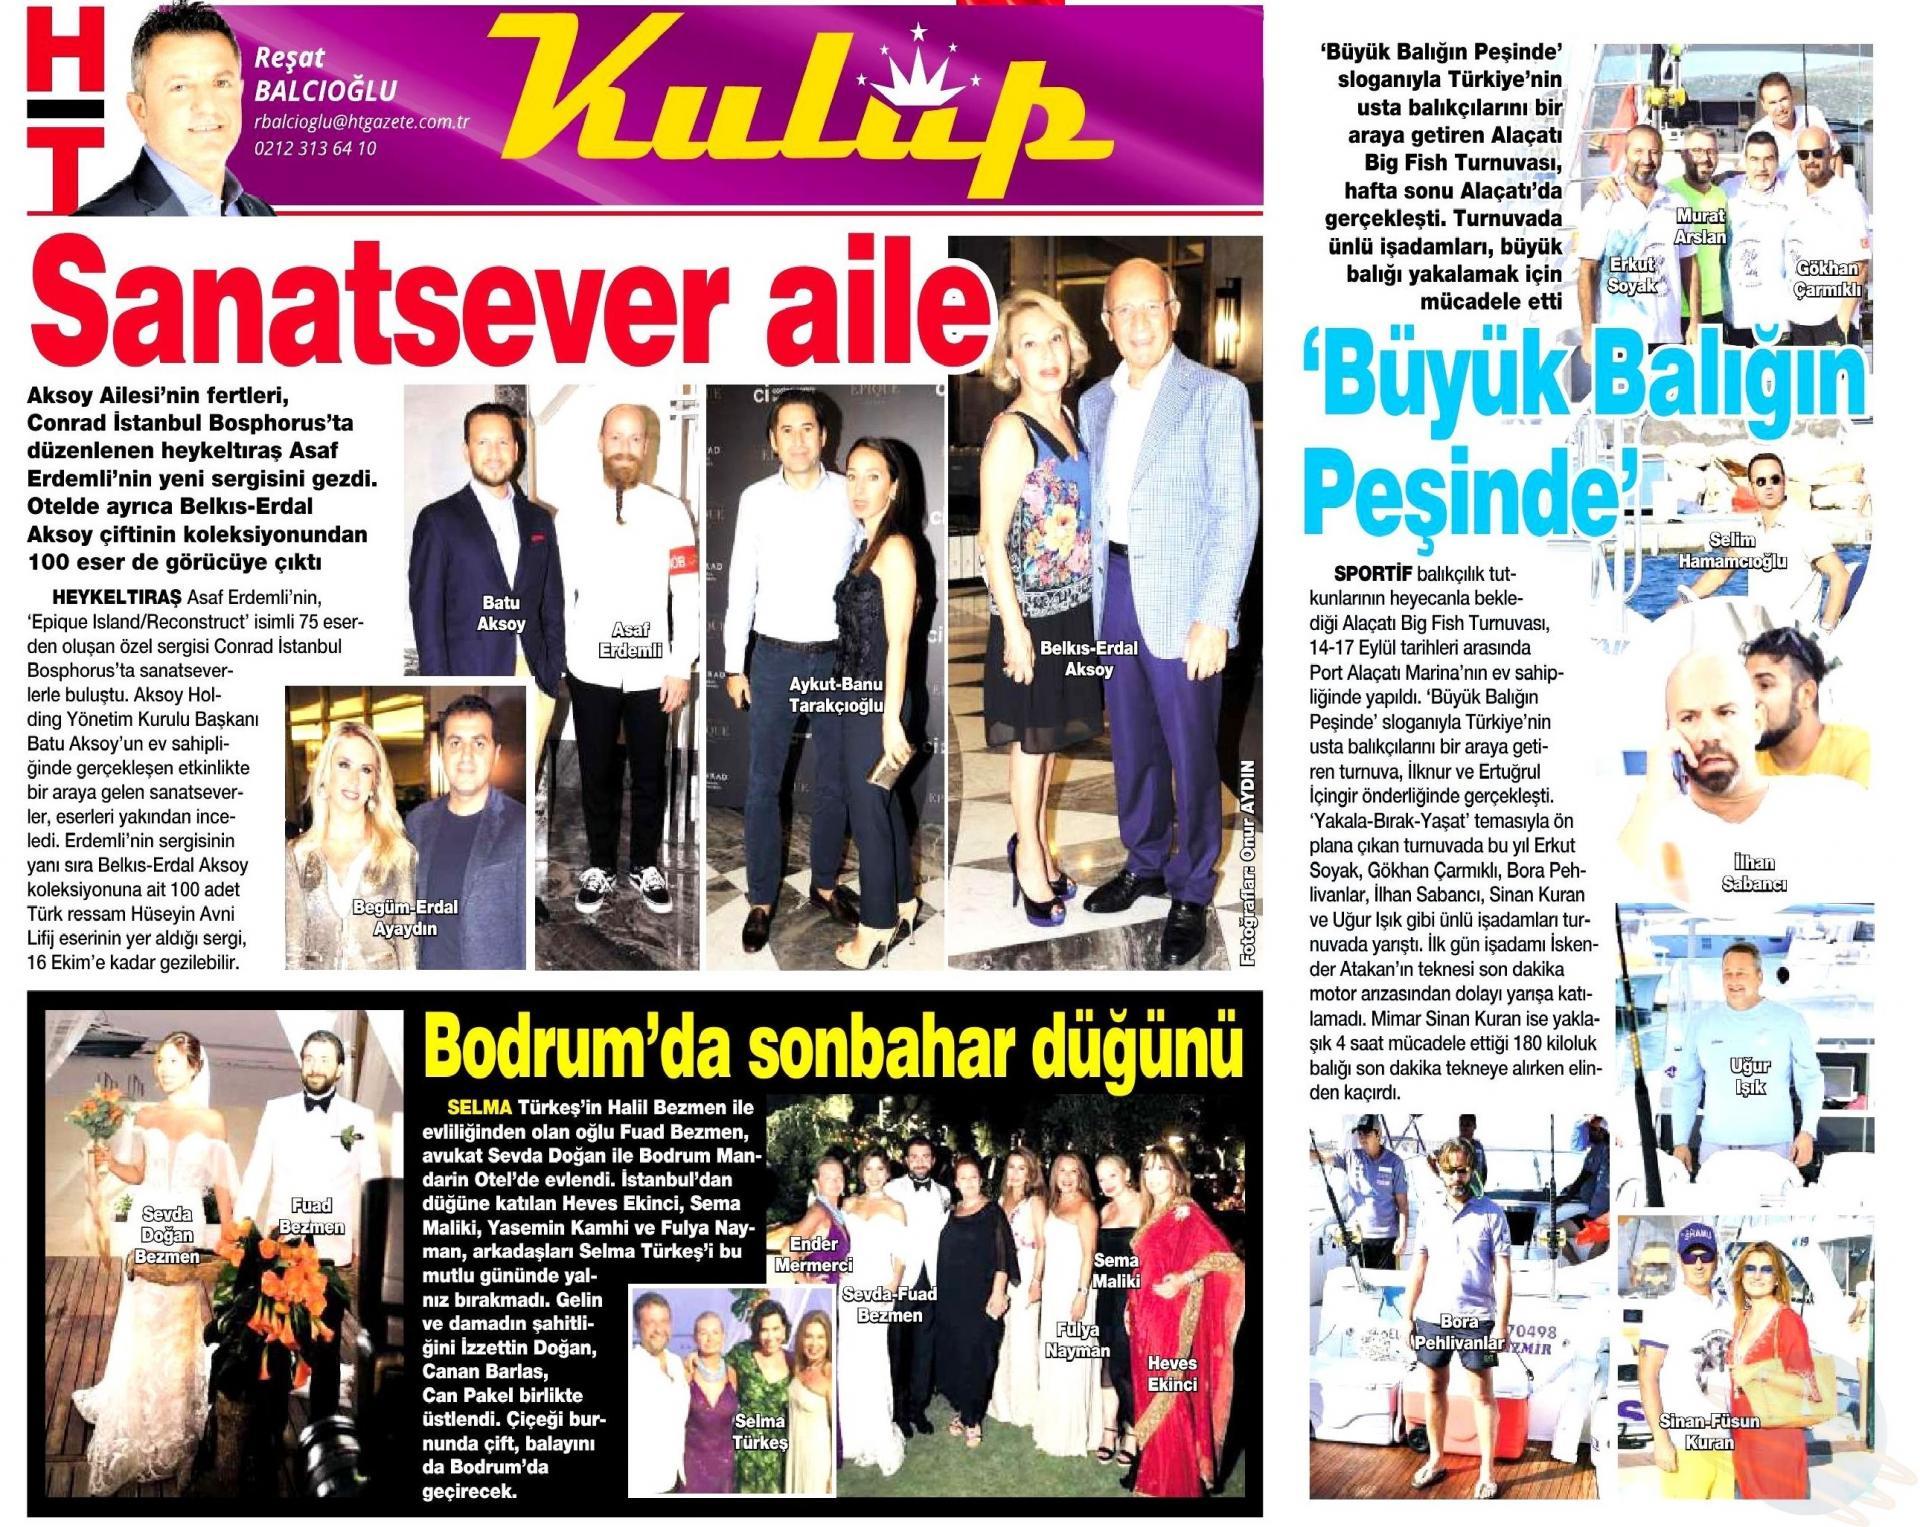 3115_0669_1688-Haberturk_Magazin-SANATSEVER_AILE-Resat_Balcioglu-18.09.2017